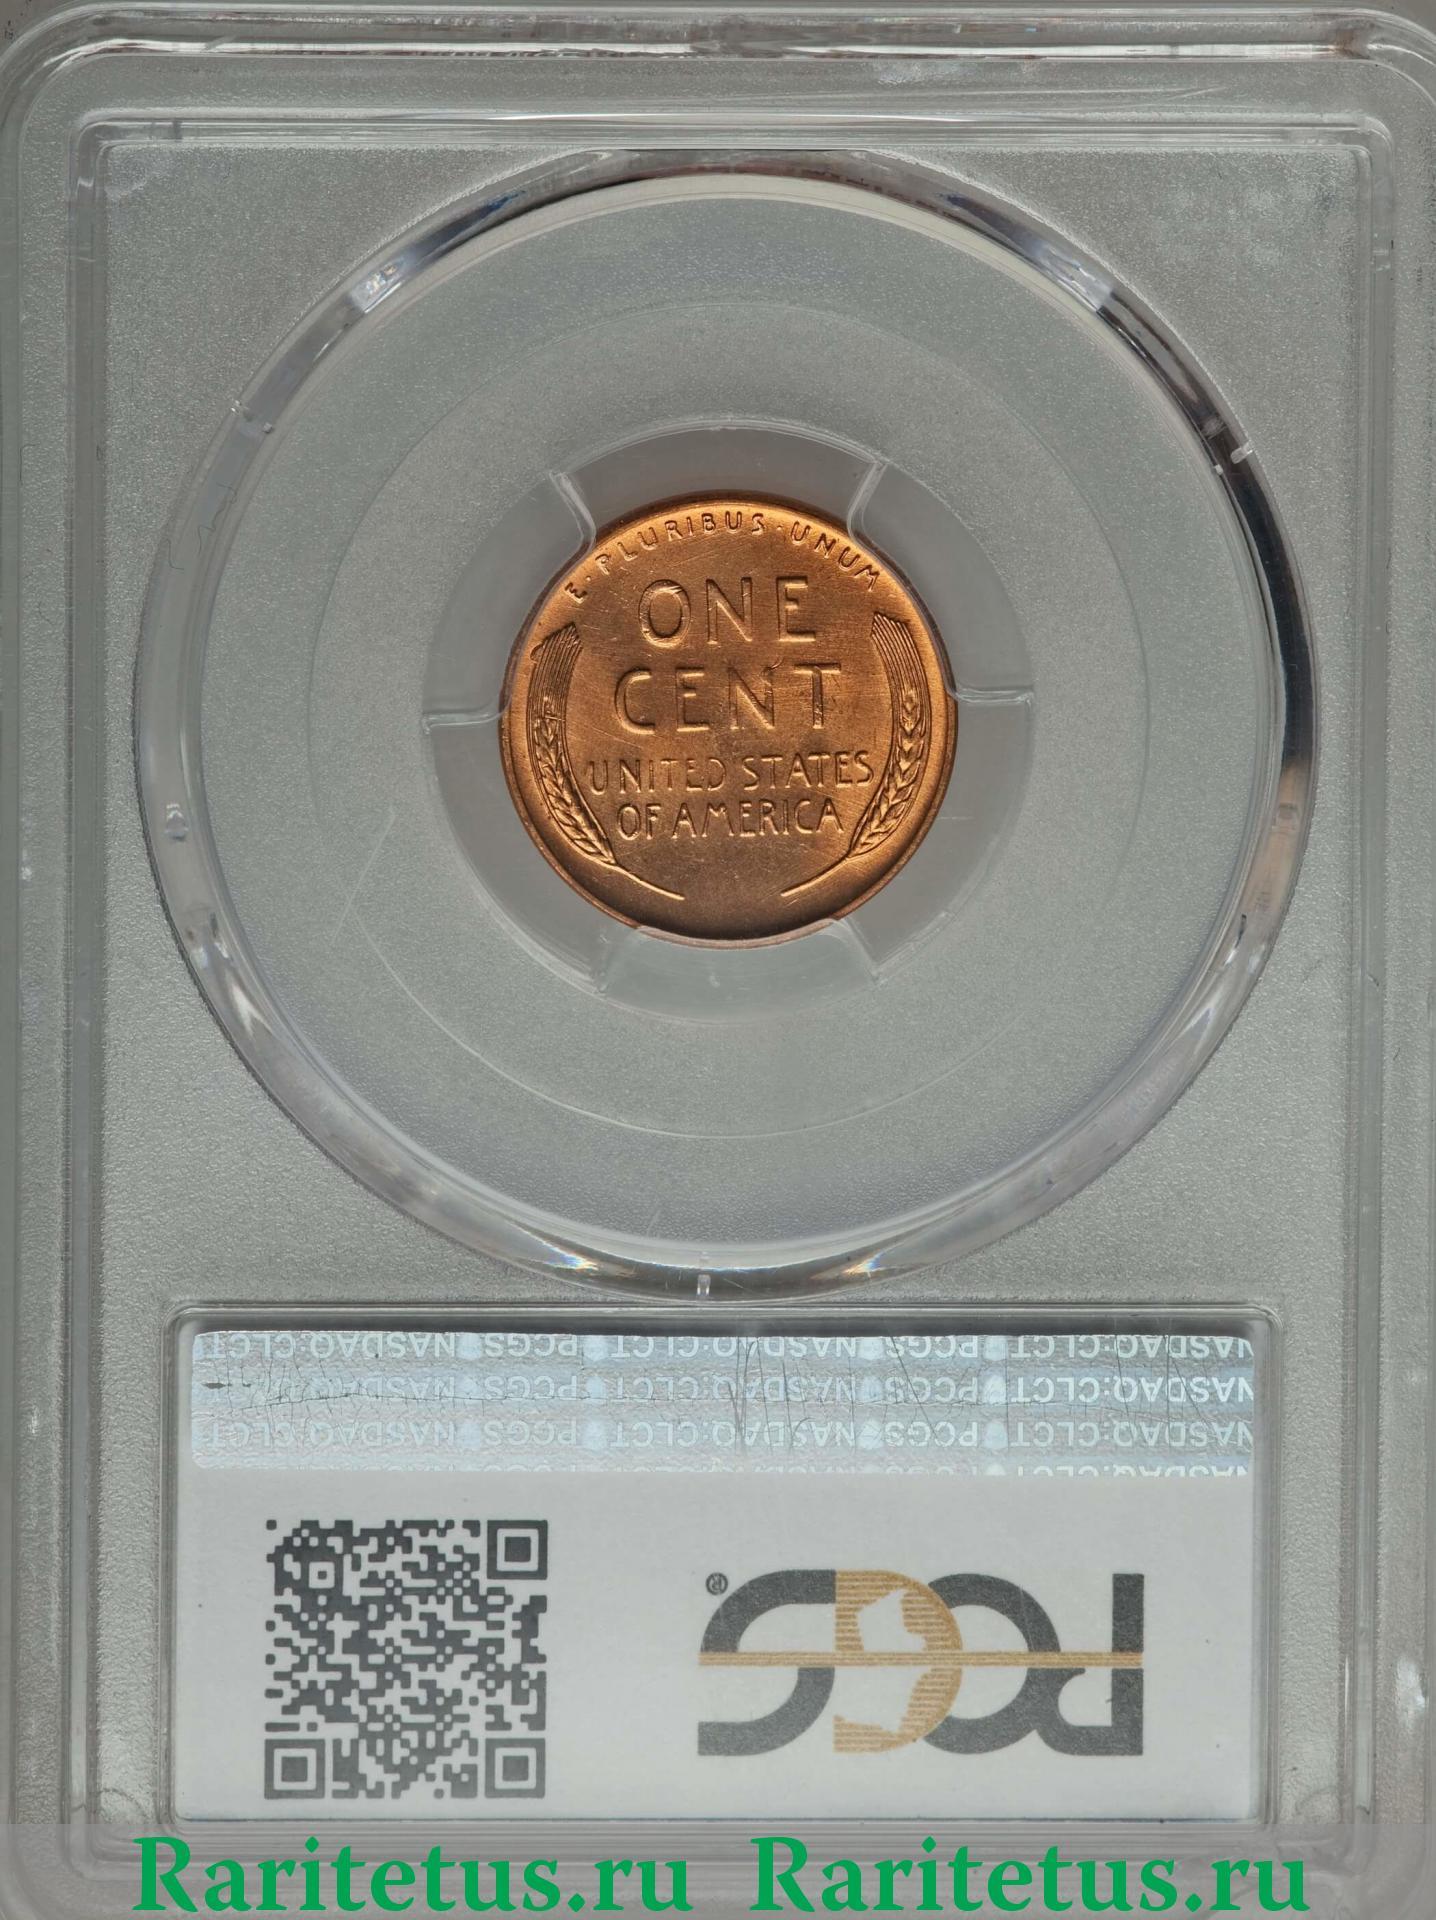 Цена монеты 1 цент (cent) 1958 года, США: стоимость по